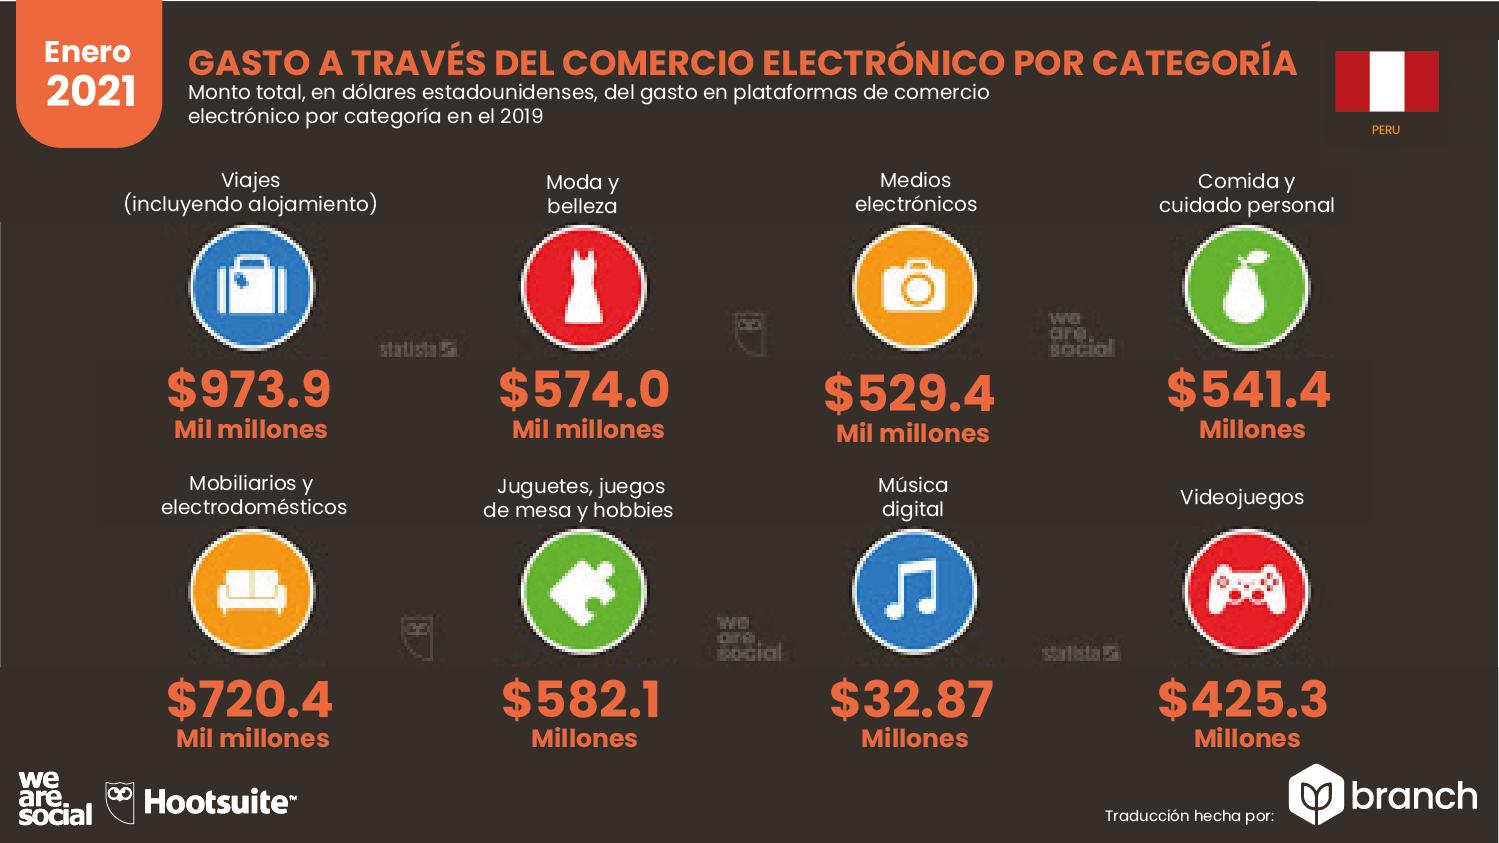 gastos-en-compras-ecommerce-peru-2020-2021